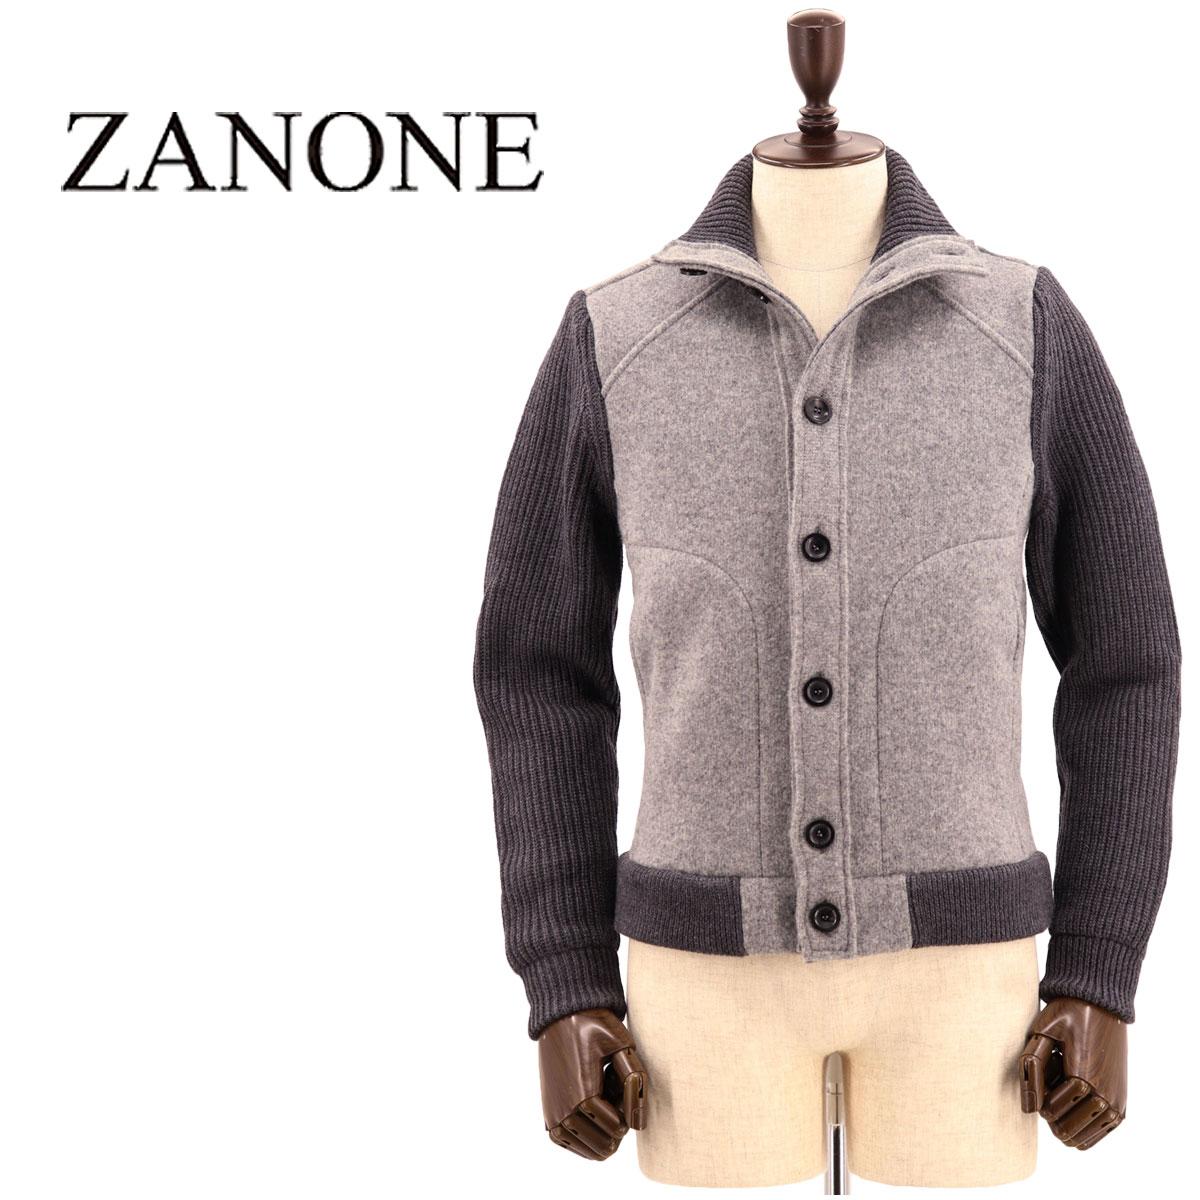 【クリアランスセール 半額以下】ザノーネ ZANONE メンズ ヴァージンウール ニットブルゾン 812142 ZJ284 Z2512(グレー)【返品交換不可】